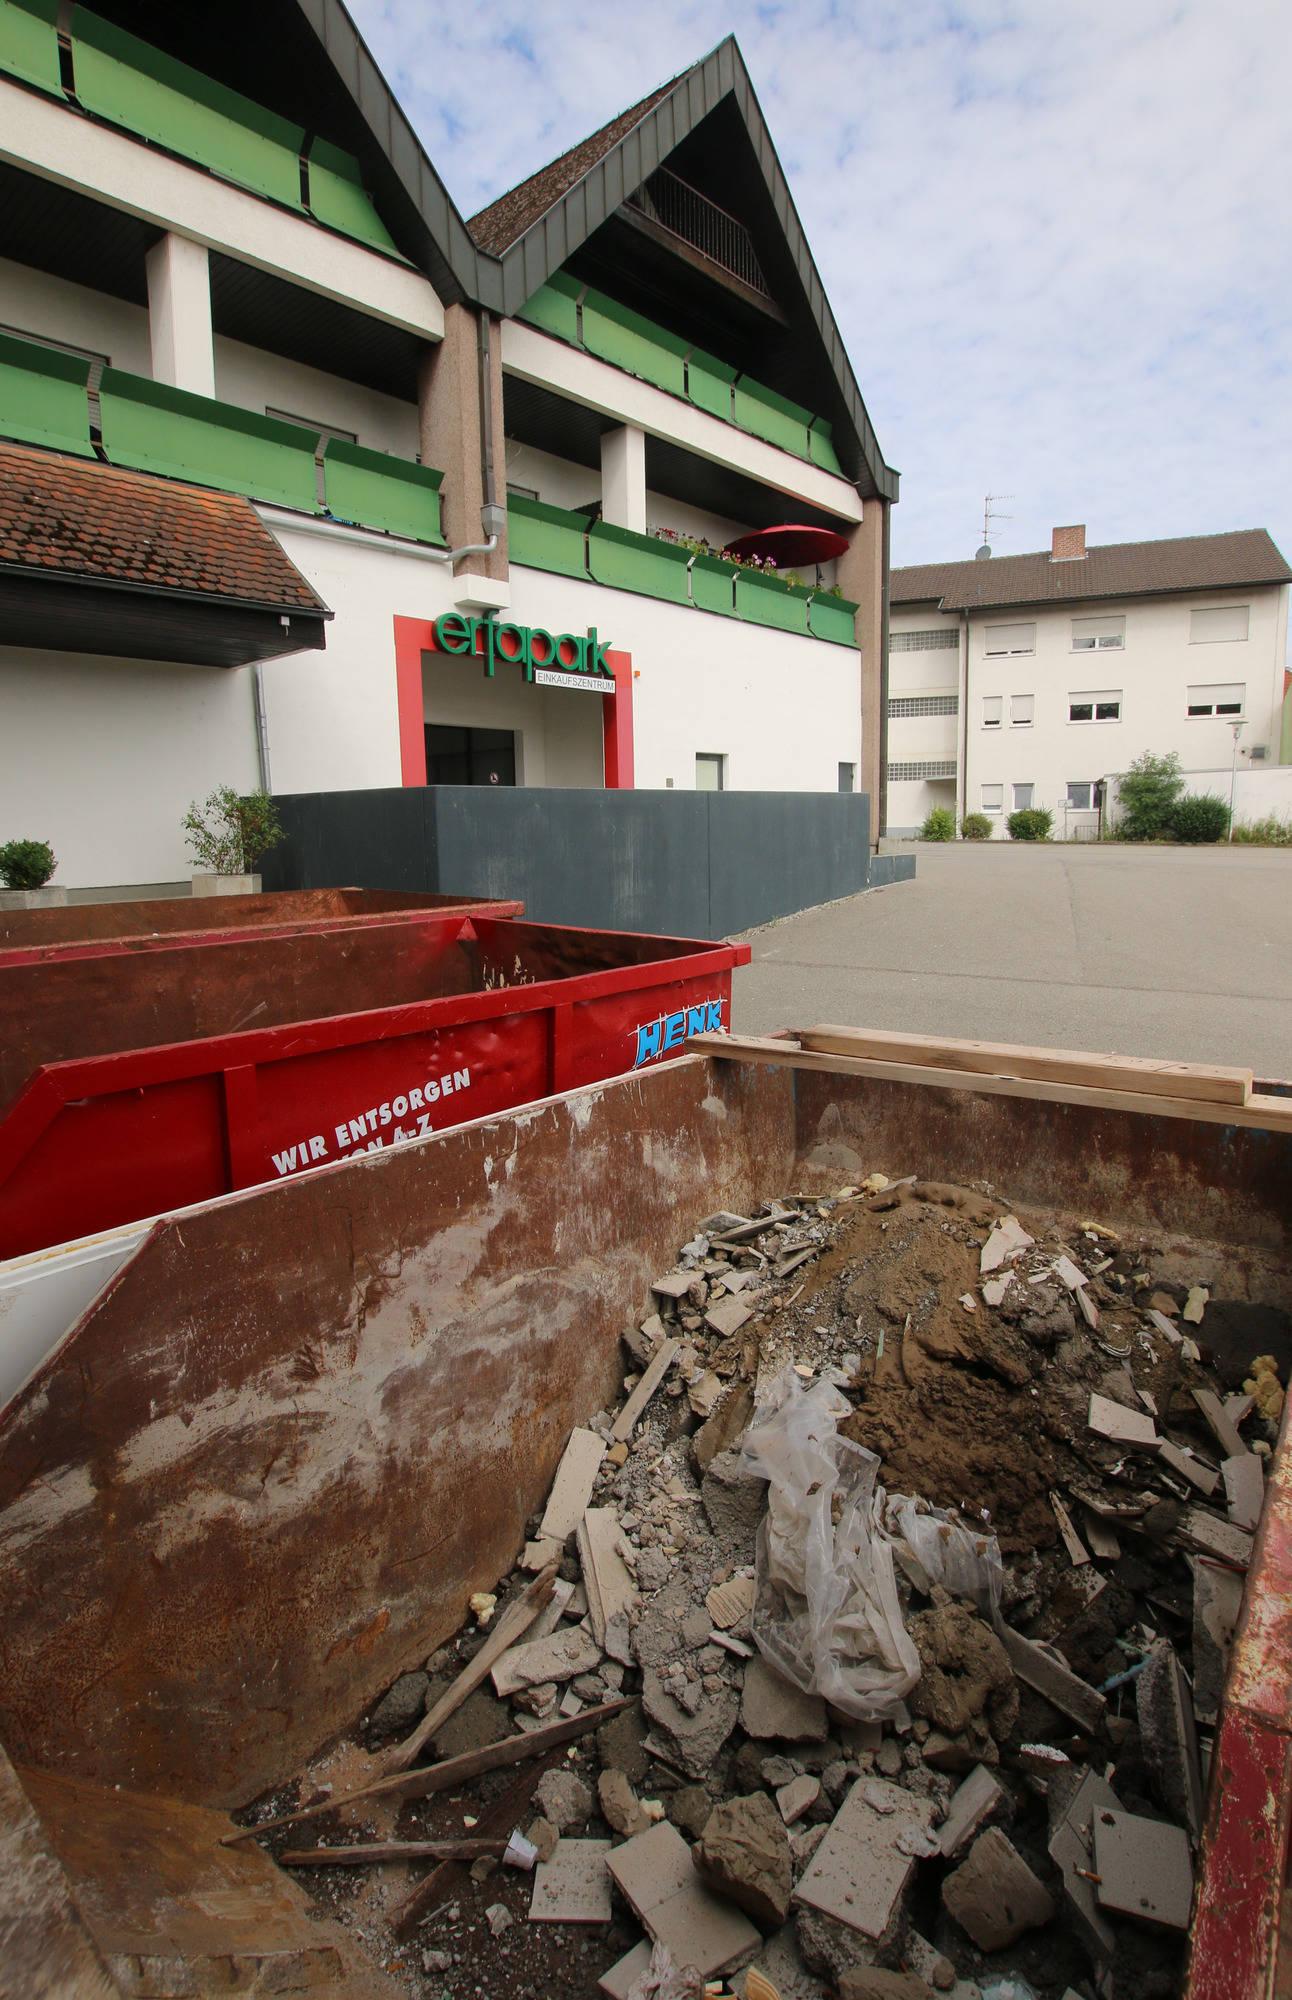 Baumarkt Walldorf erfapark hardheim der eingang zum neuen baumarkt wird verlegt